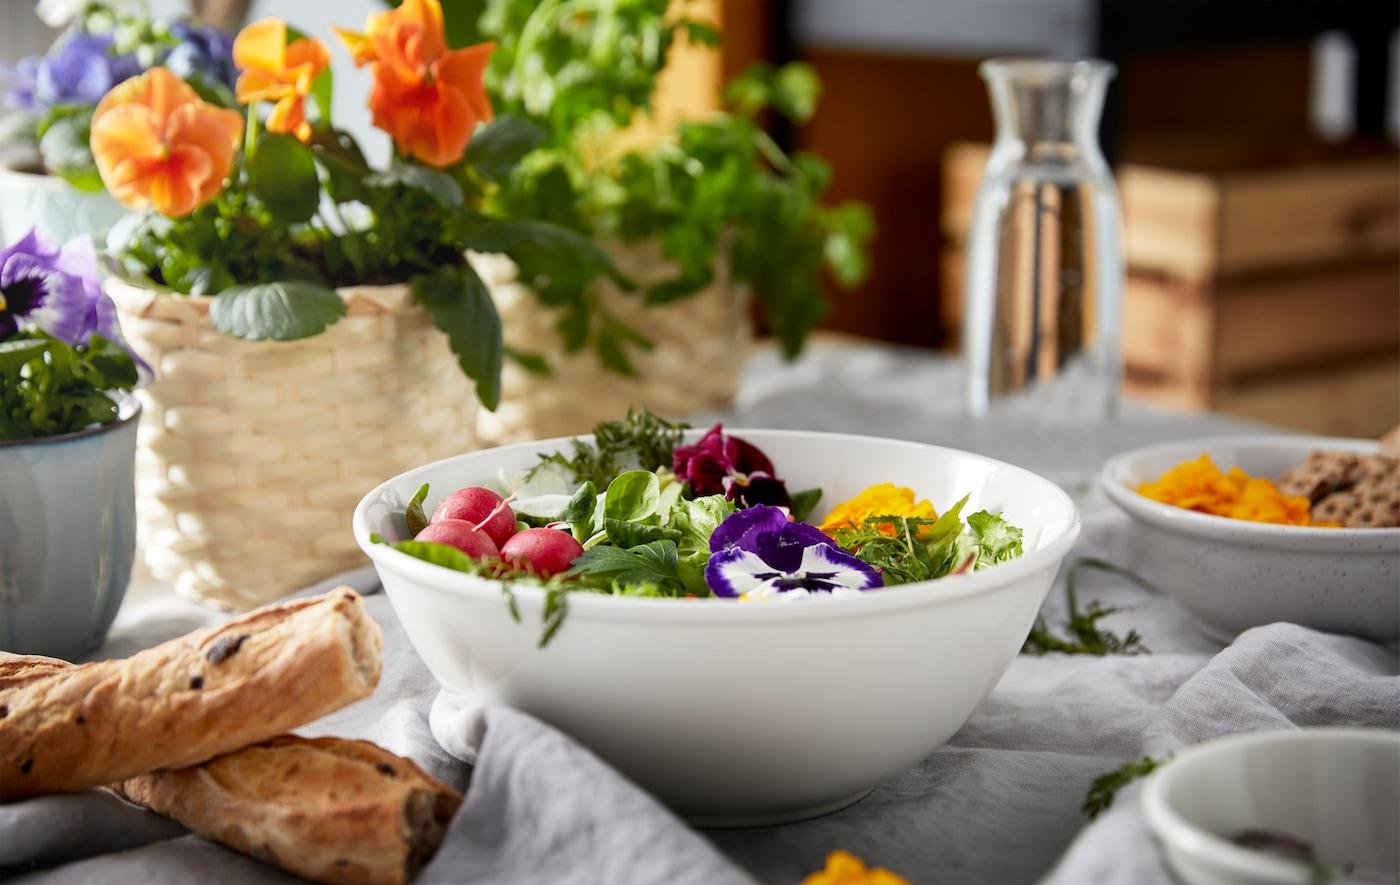 Une table de petit-déjeuner dressée avec différentes variétés de pains, un pot de fleurs et un bol joliment garni de légumes colorés.